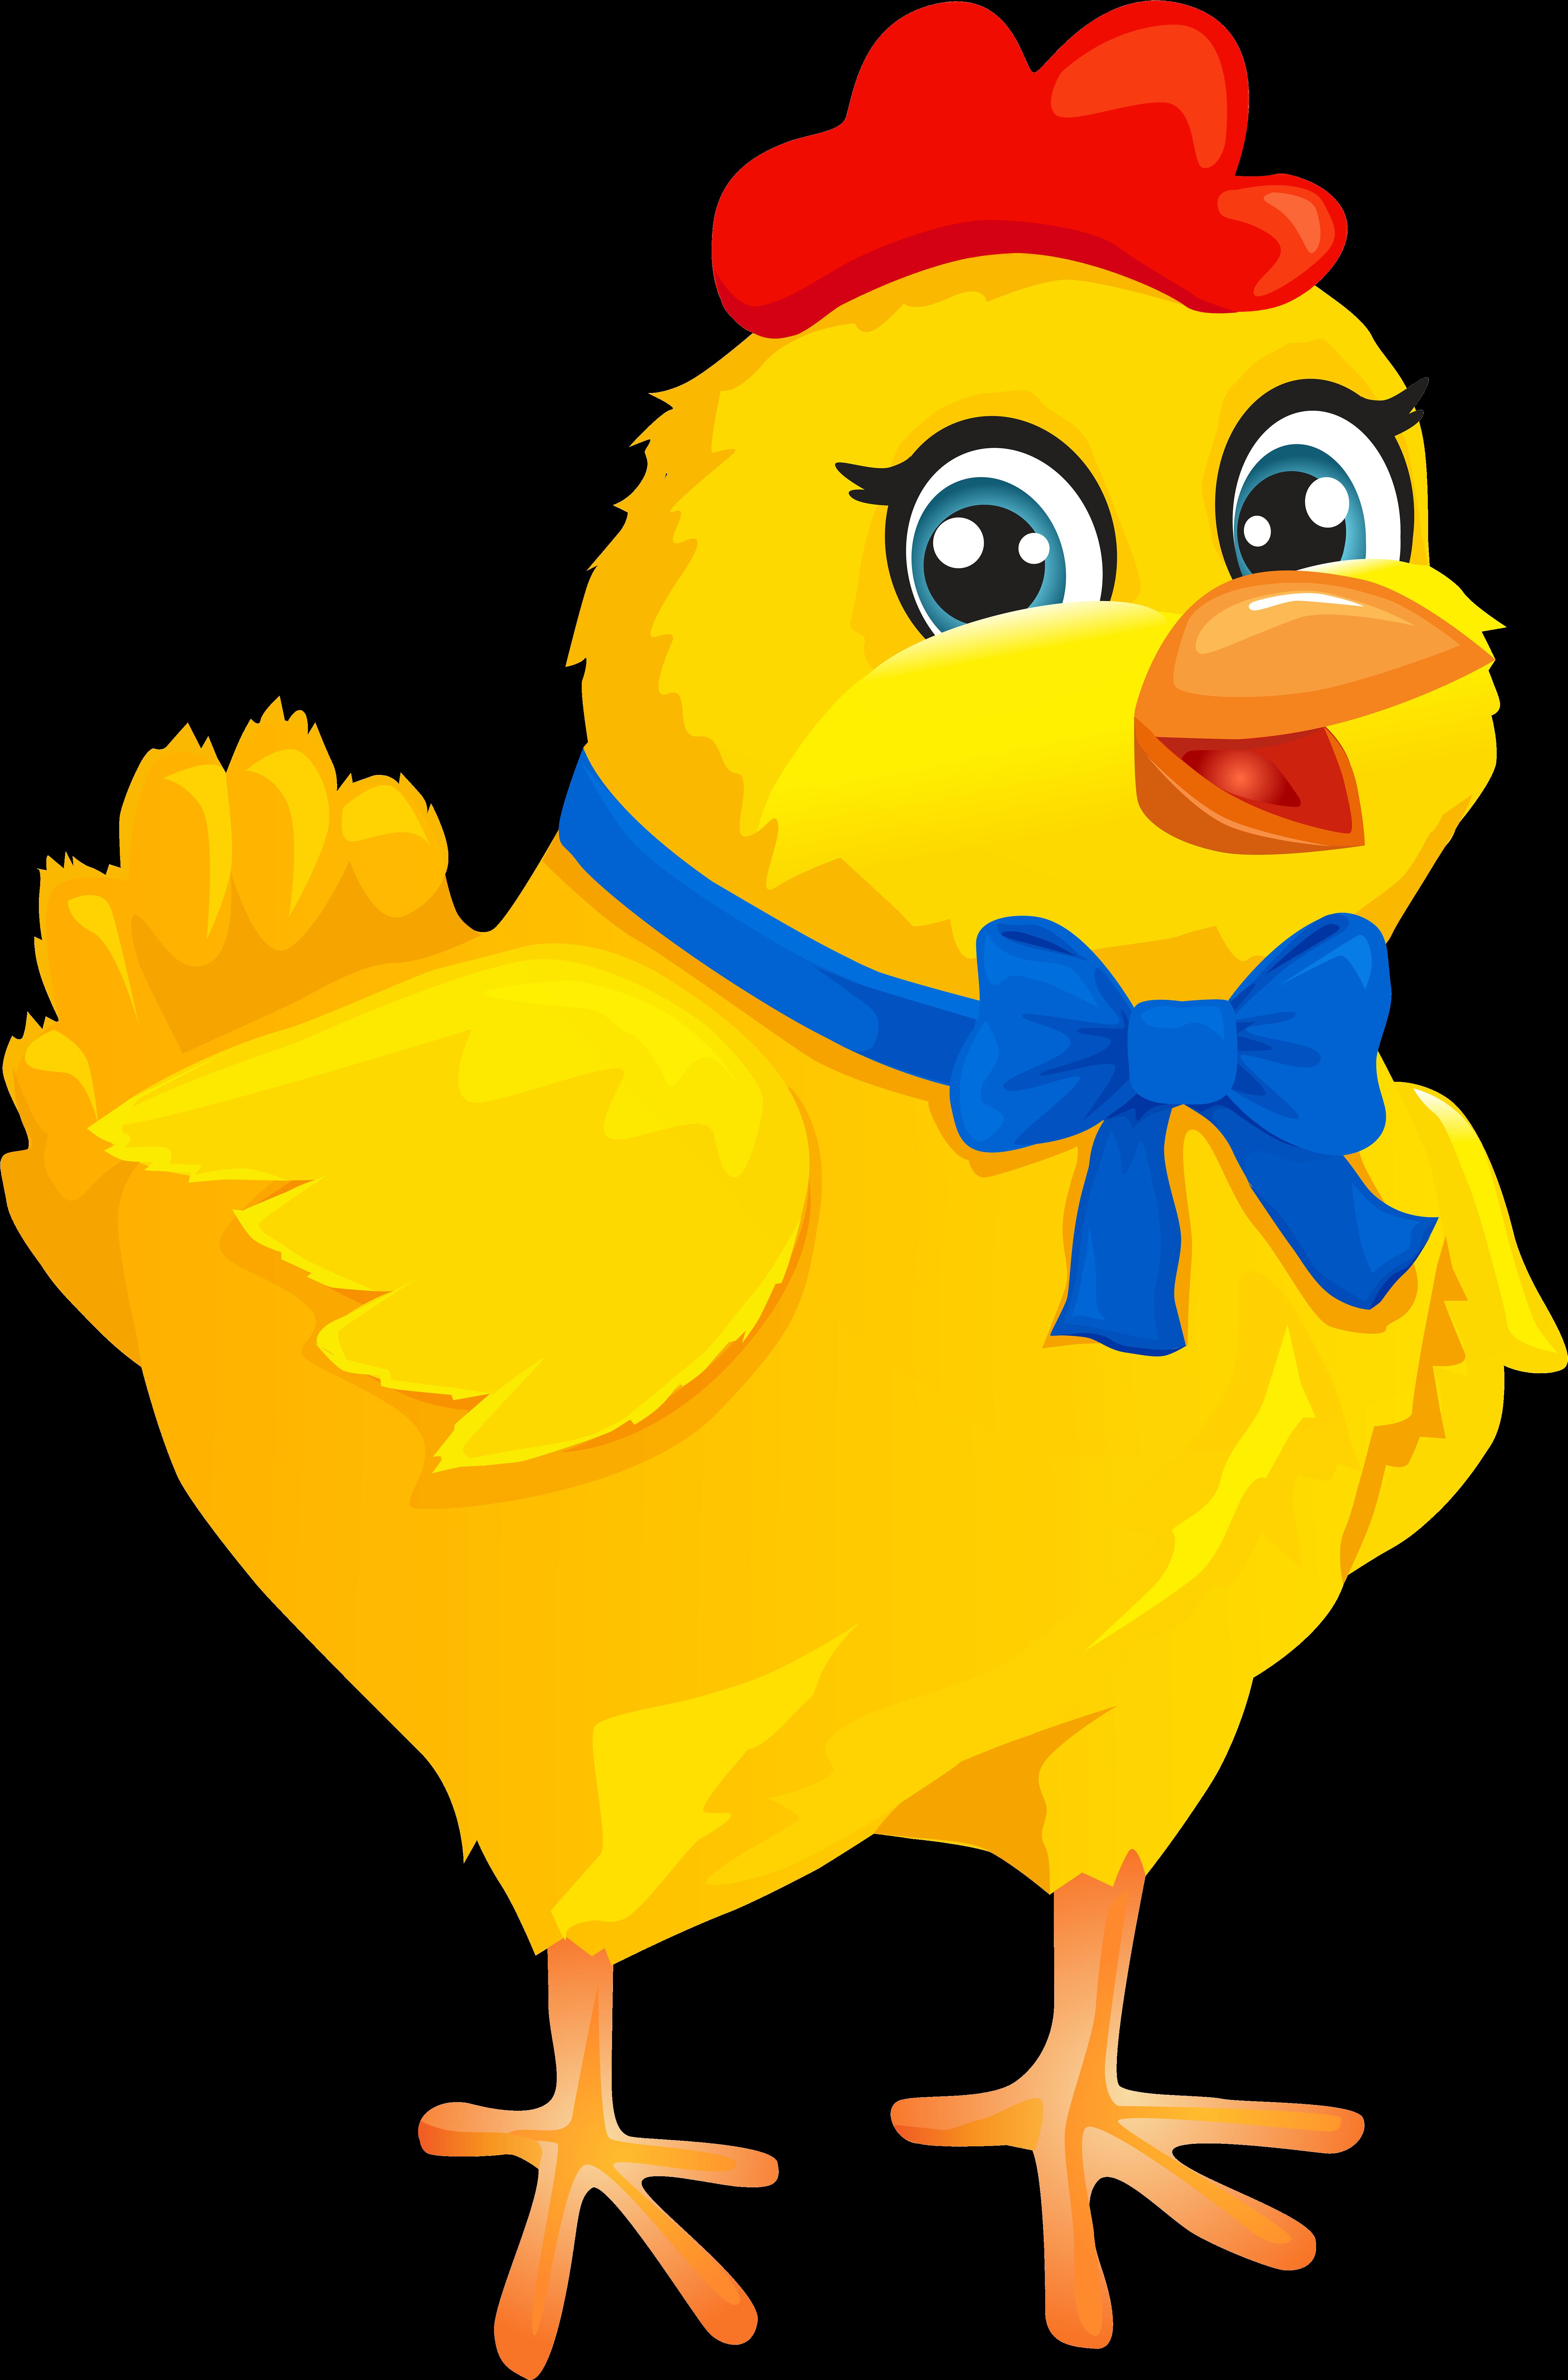 Доброе, картинки с изображением цыпленка для детей